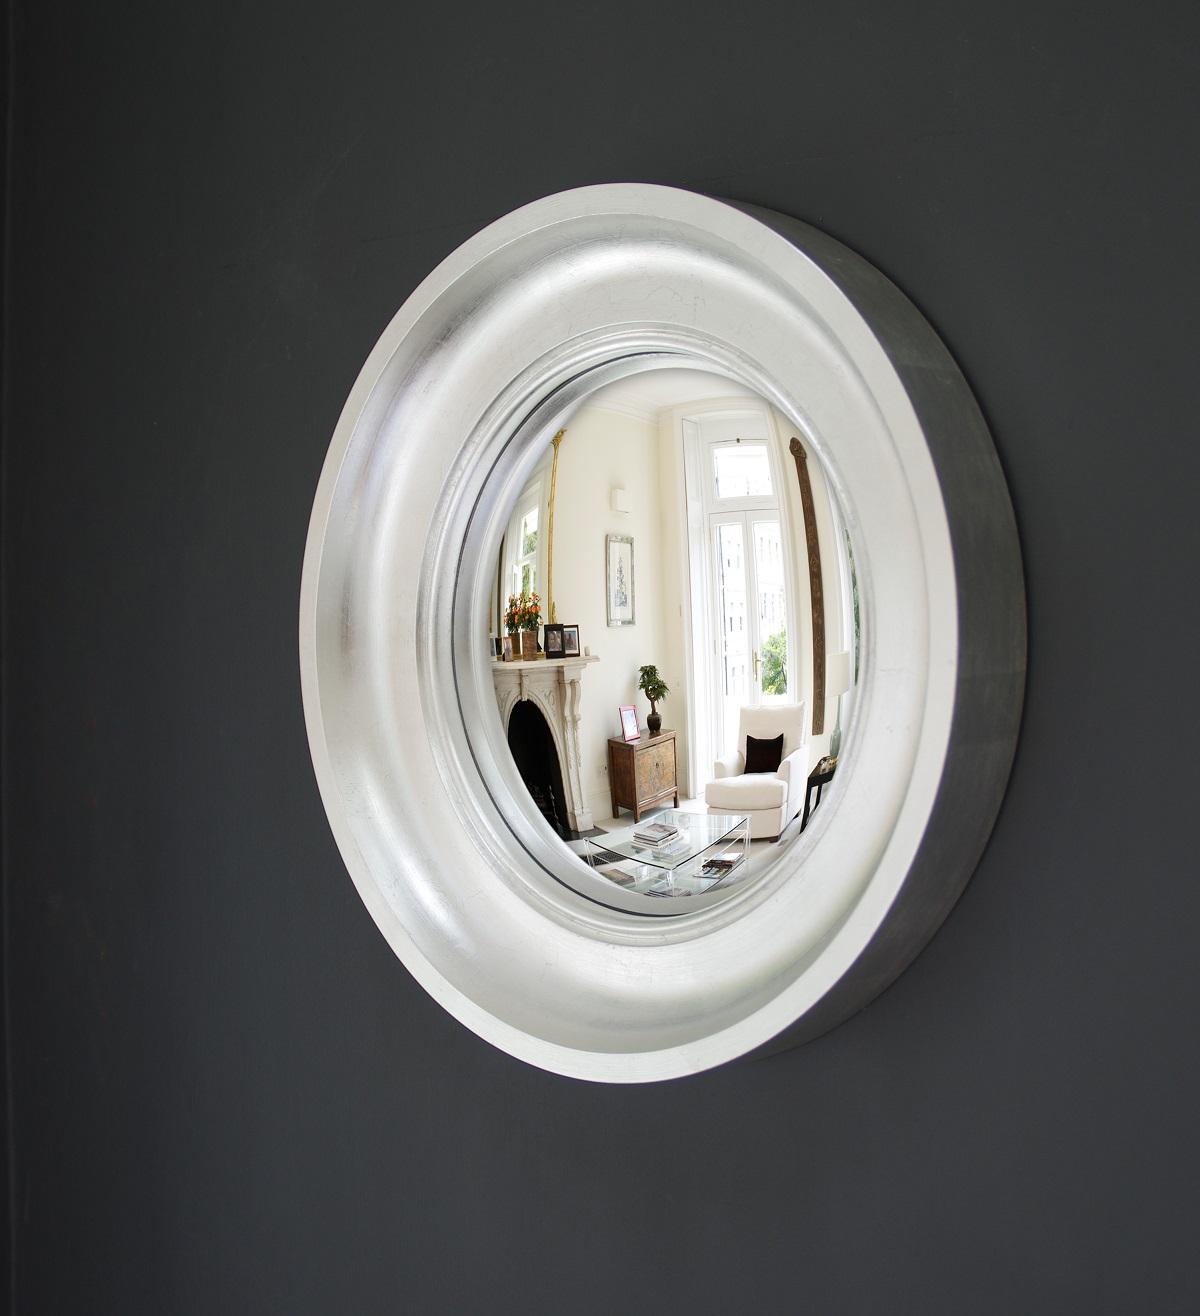 Small Cavetto decorative convex mirror in silver leaf finish image